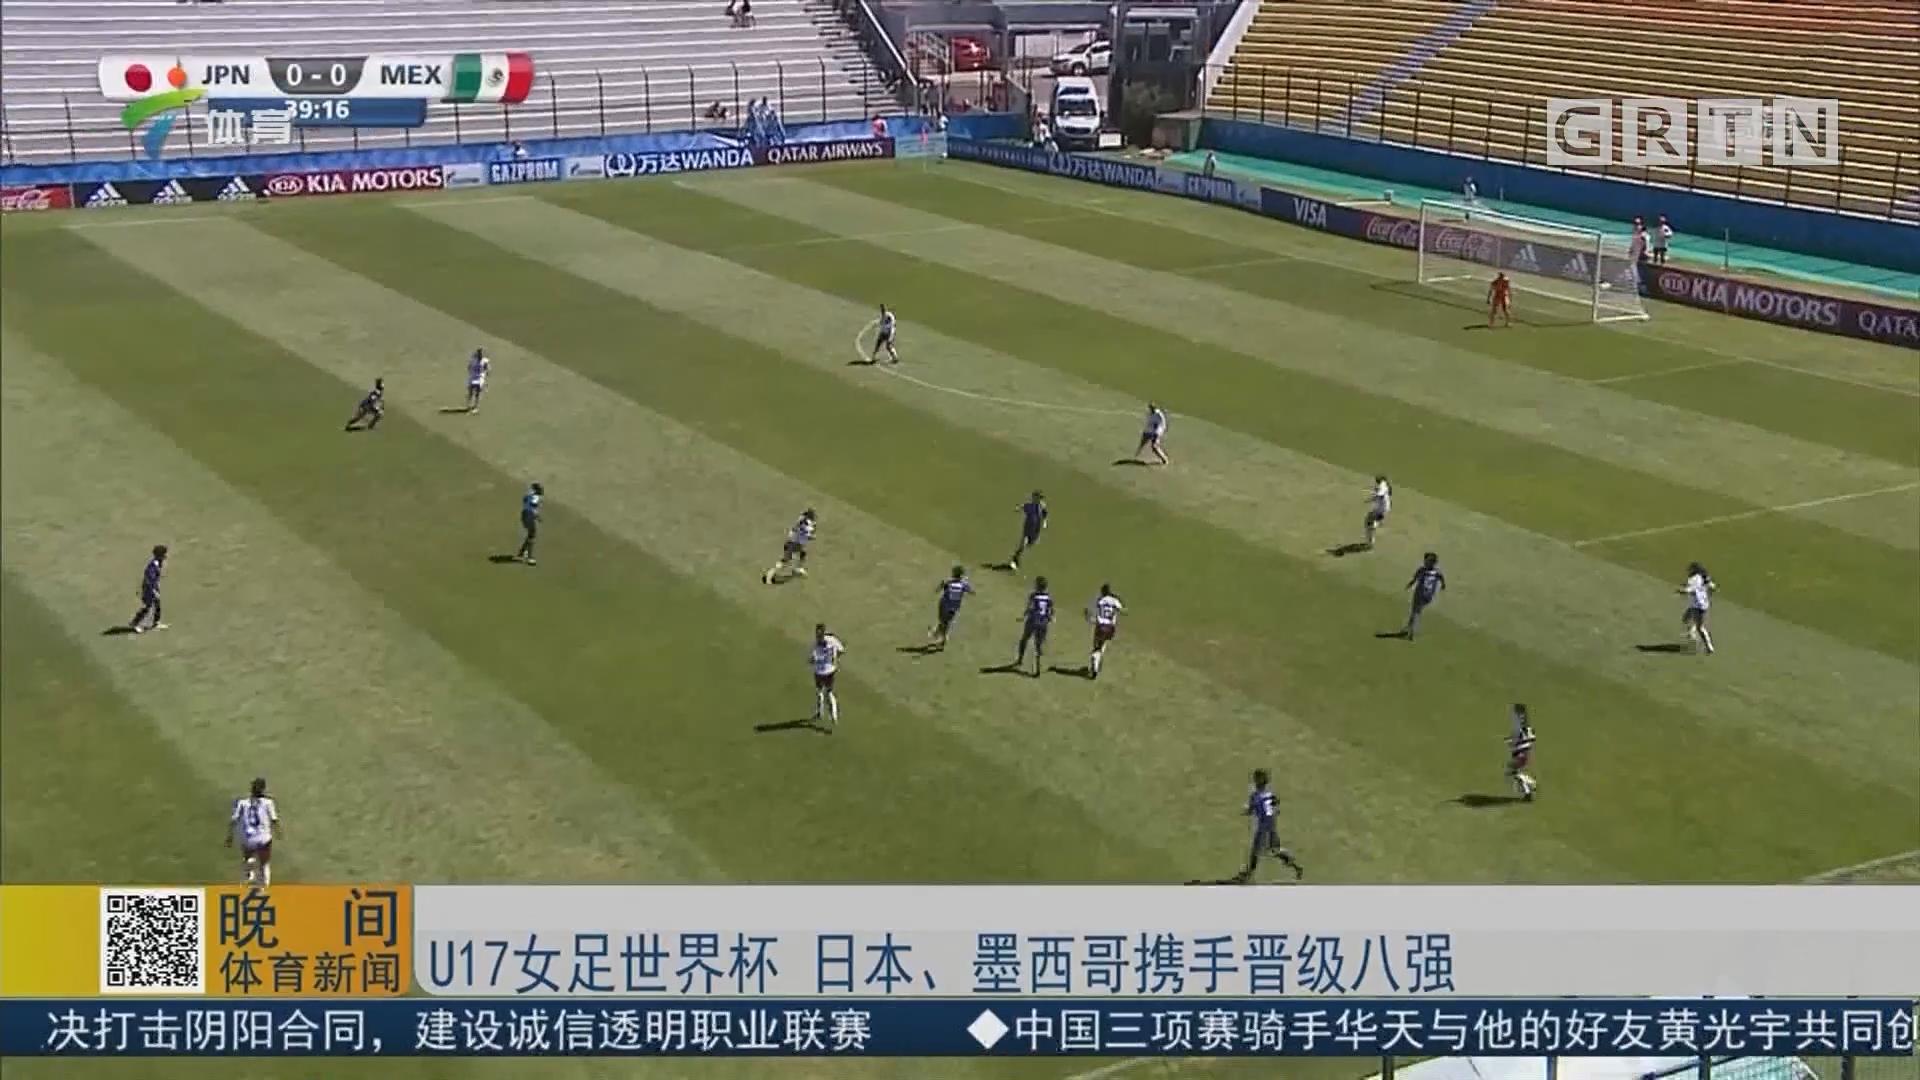 U17女足世界杯 日本、墨西哥携手晋级八强